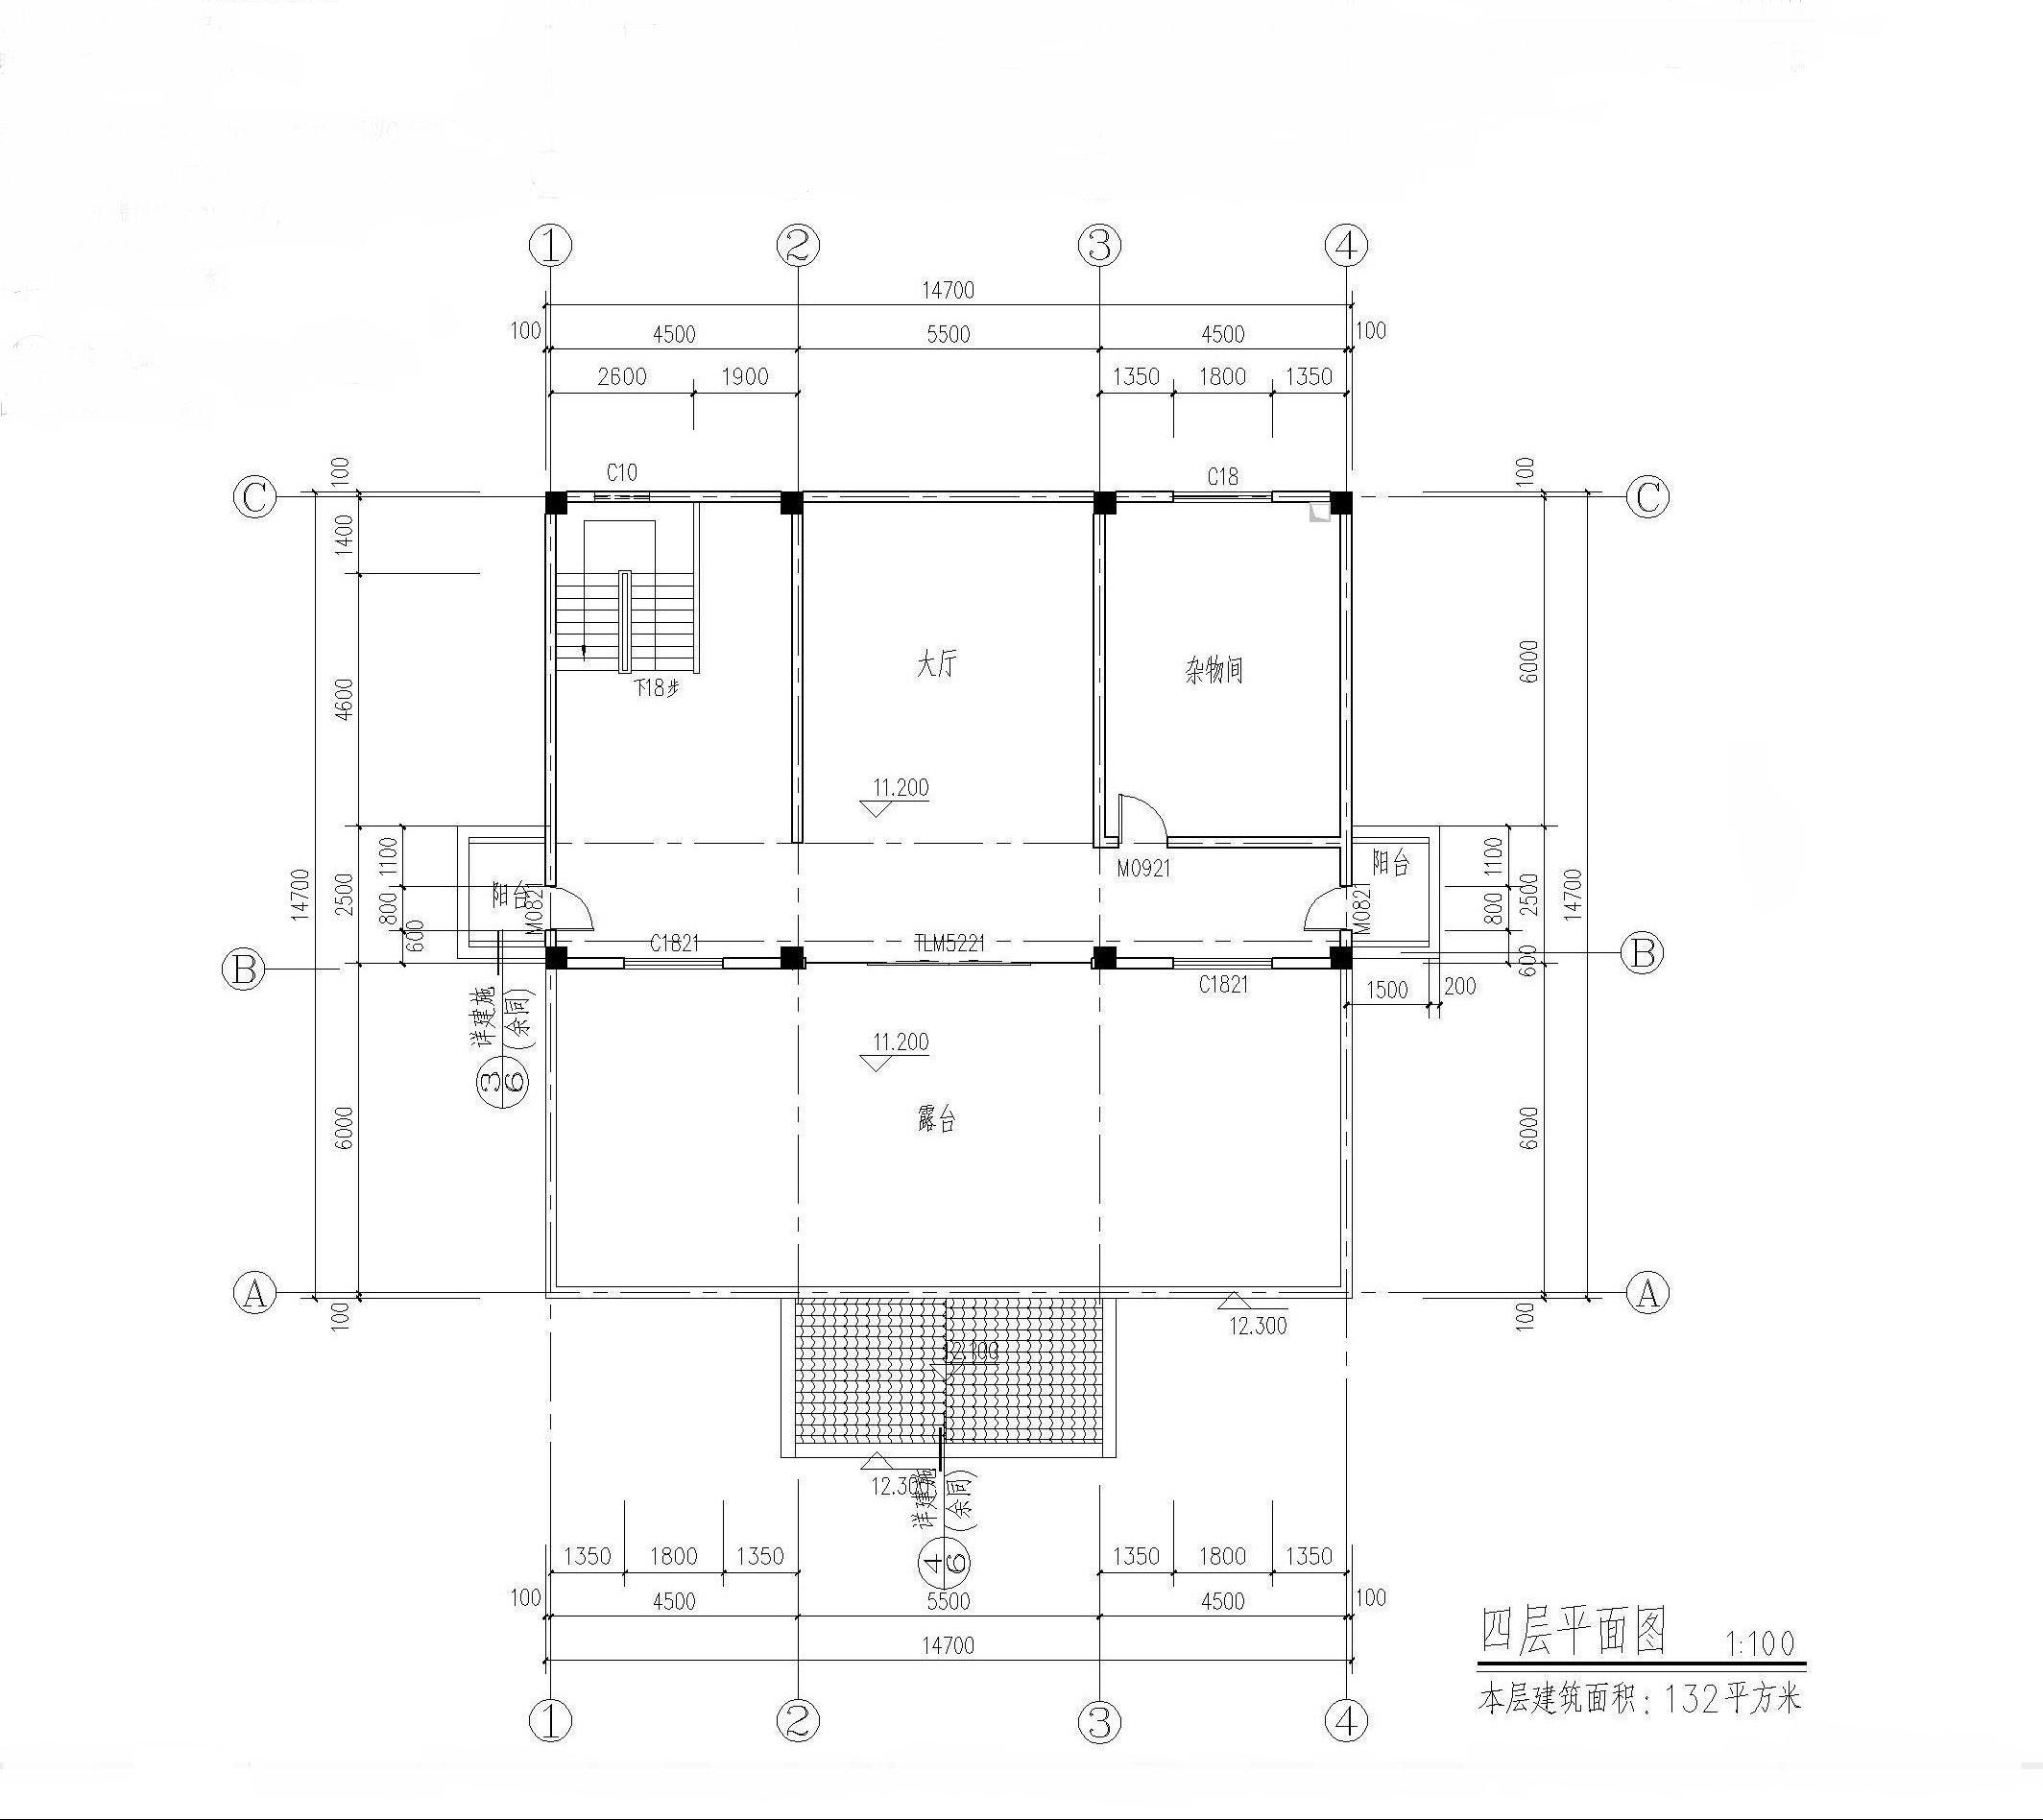 农村自建房子平面设计图-一层房屋新农村自建房全套设计图图片